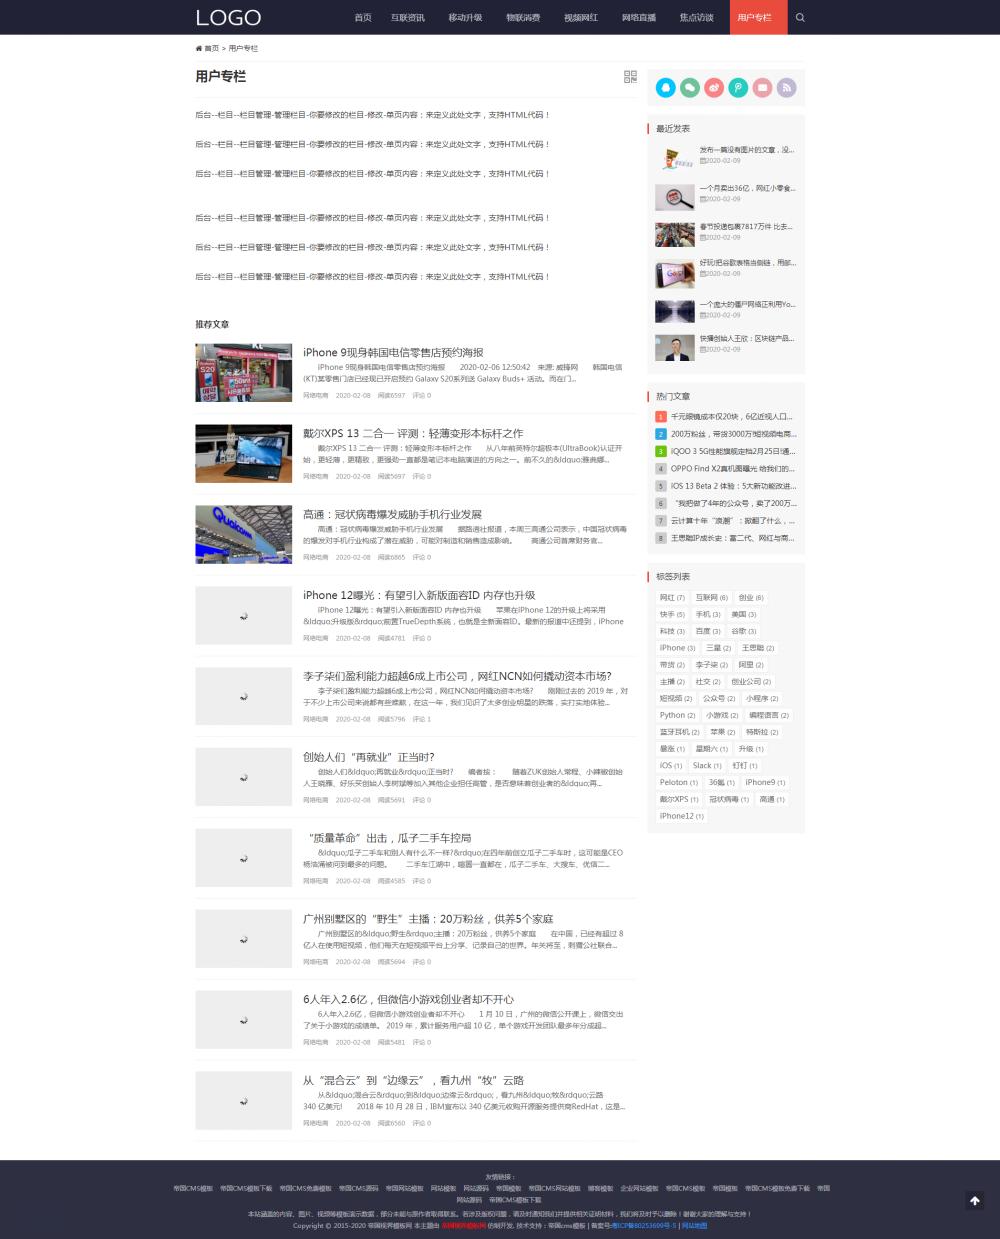 4栏目单页.png [DG-131]帝国CMS响应式资讯资讯模板,自适应个人文章博客资讯模板 新闻资讯 第4张